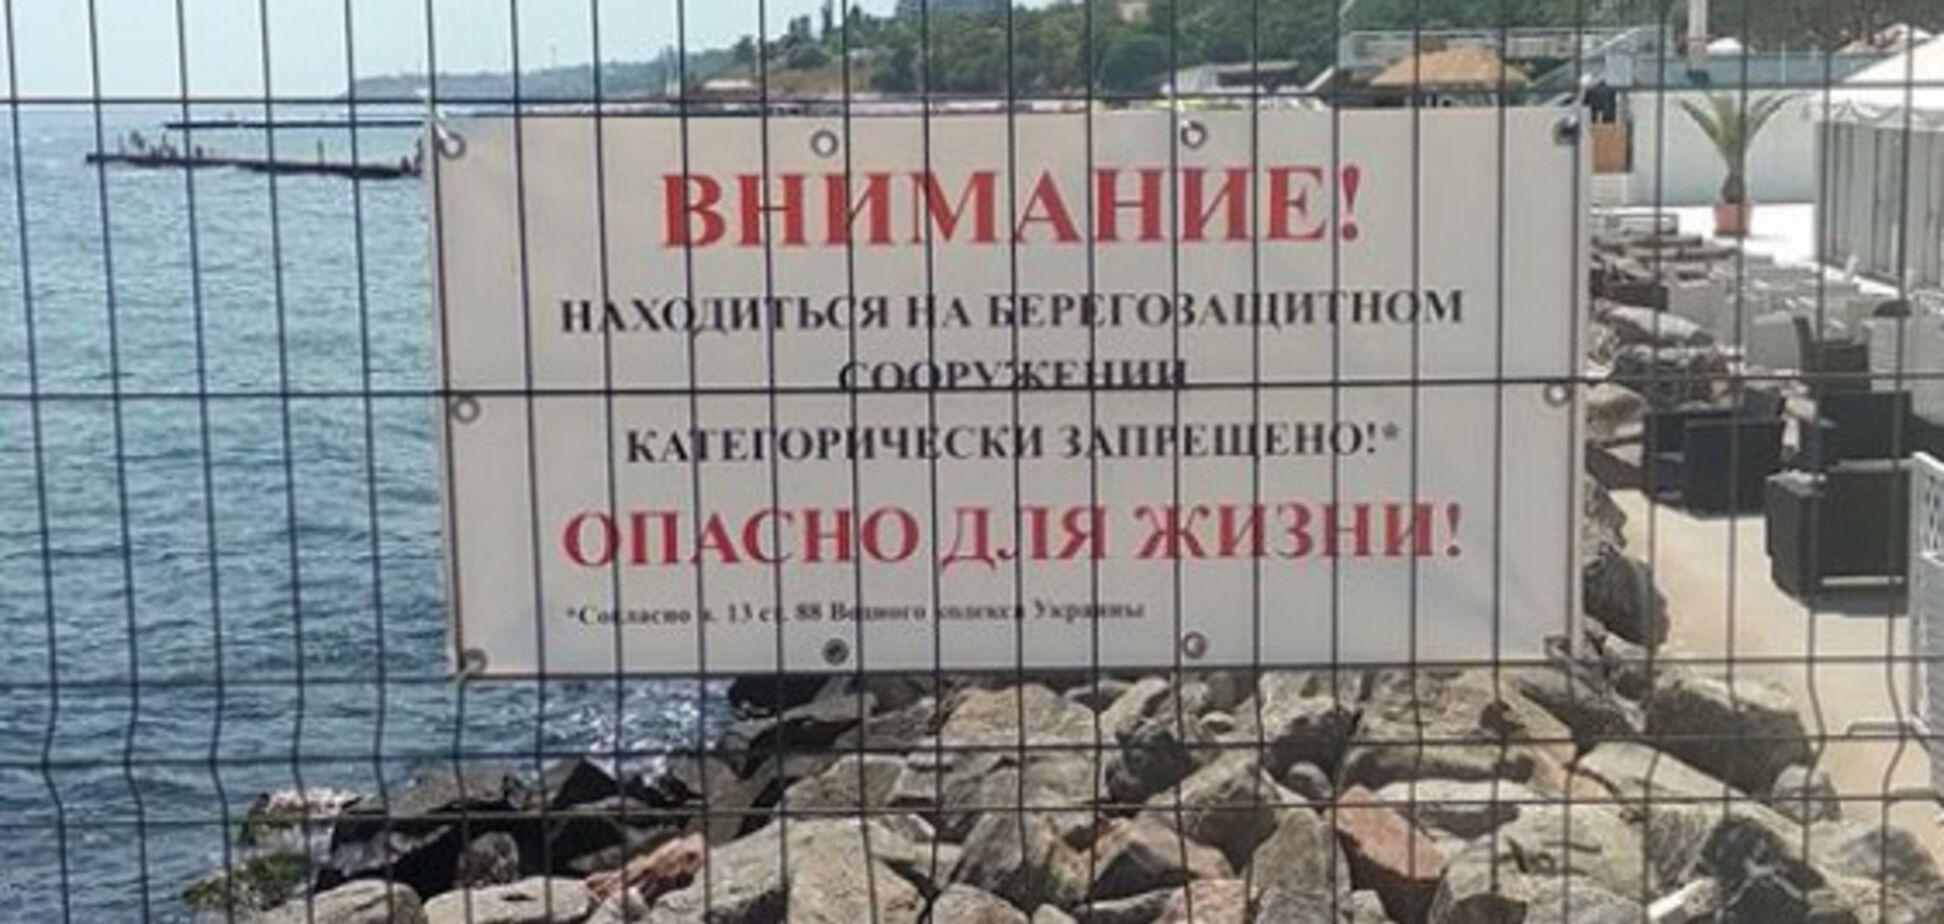 В Одессе наглый застройщик захватил еще один пляж